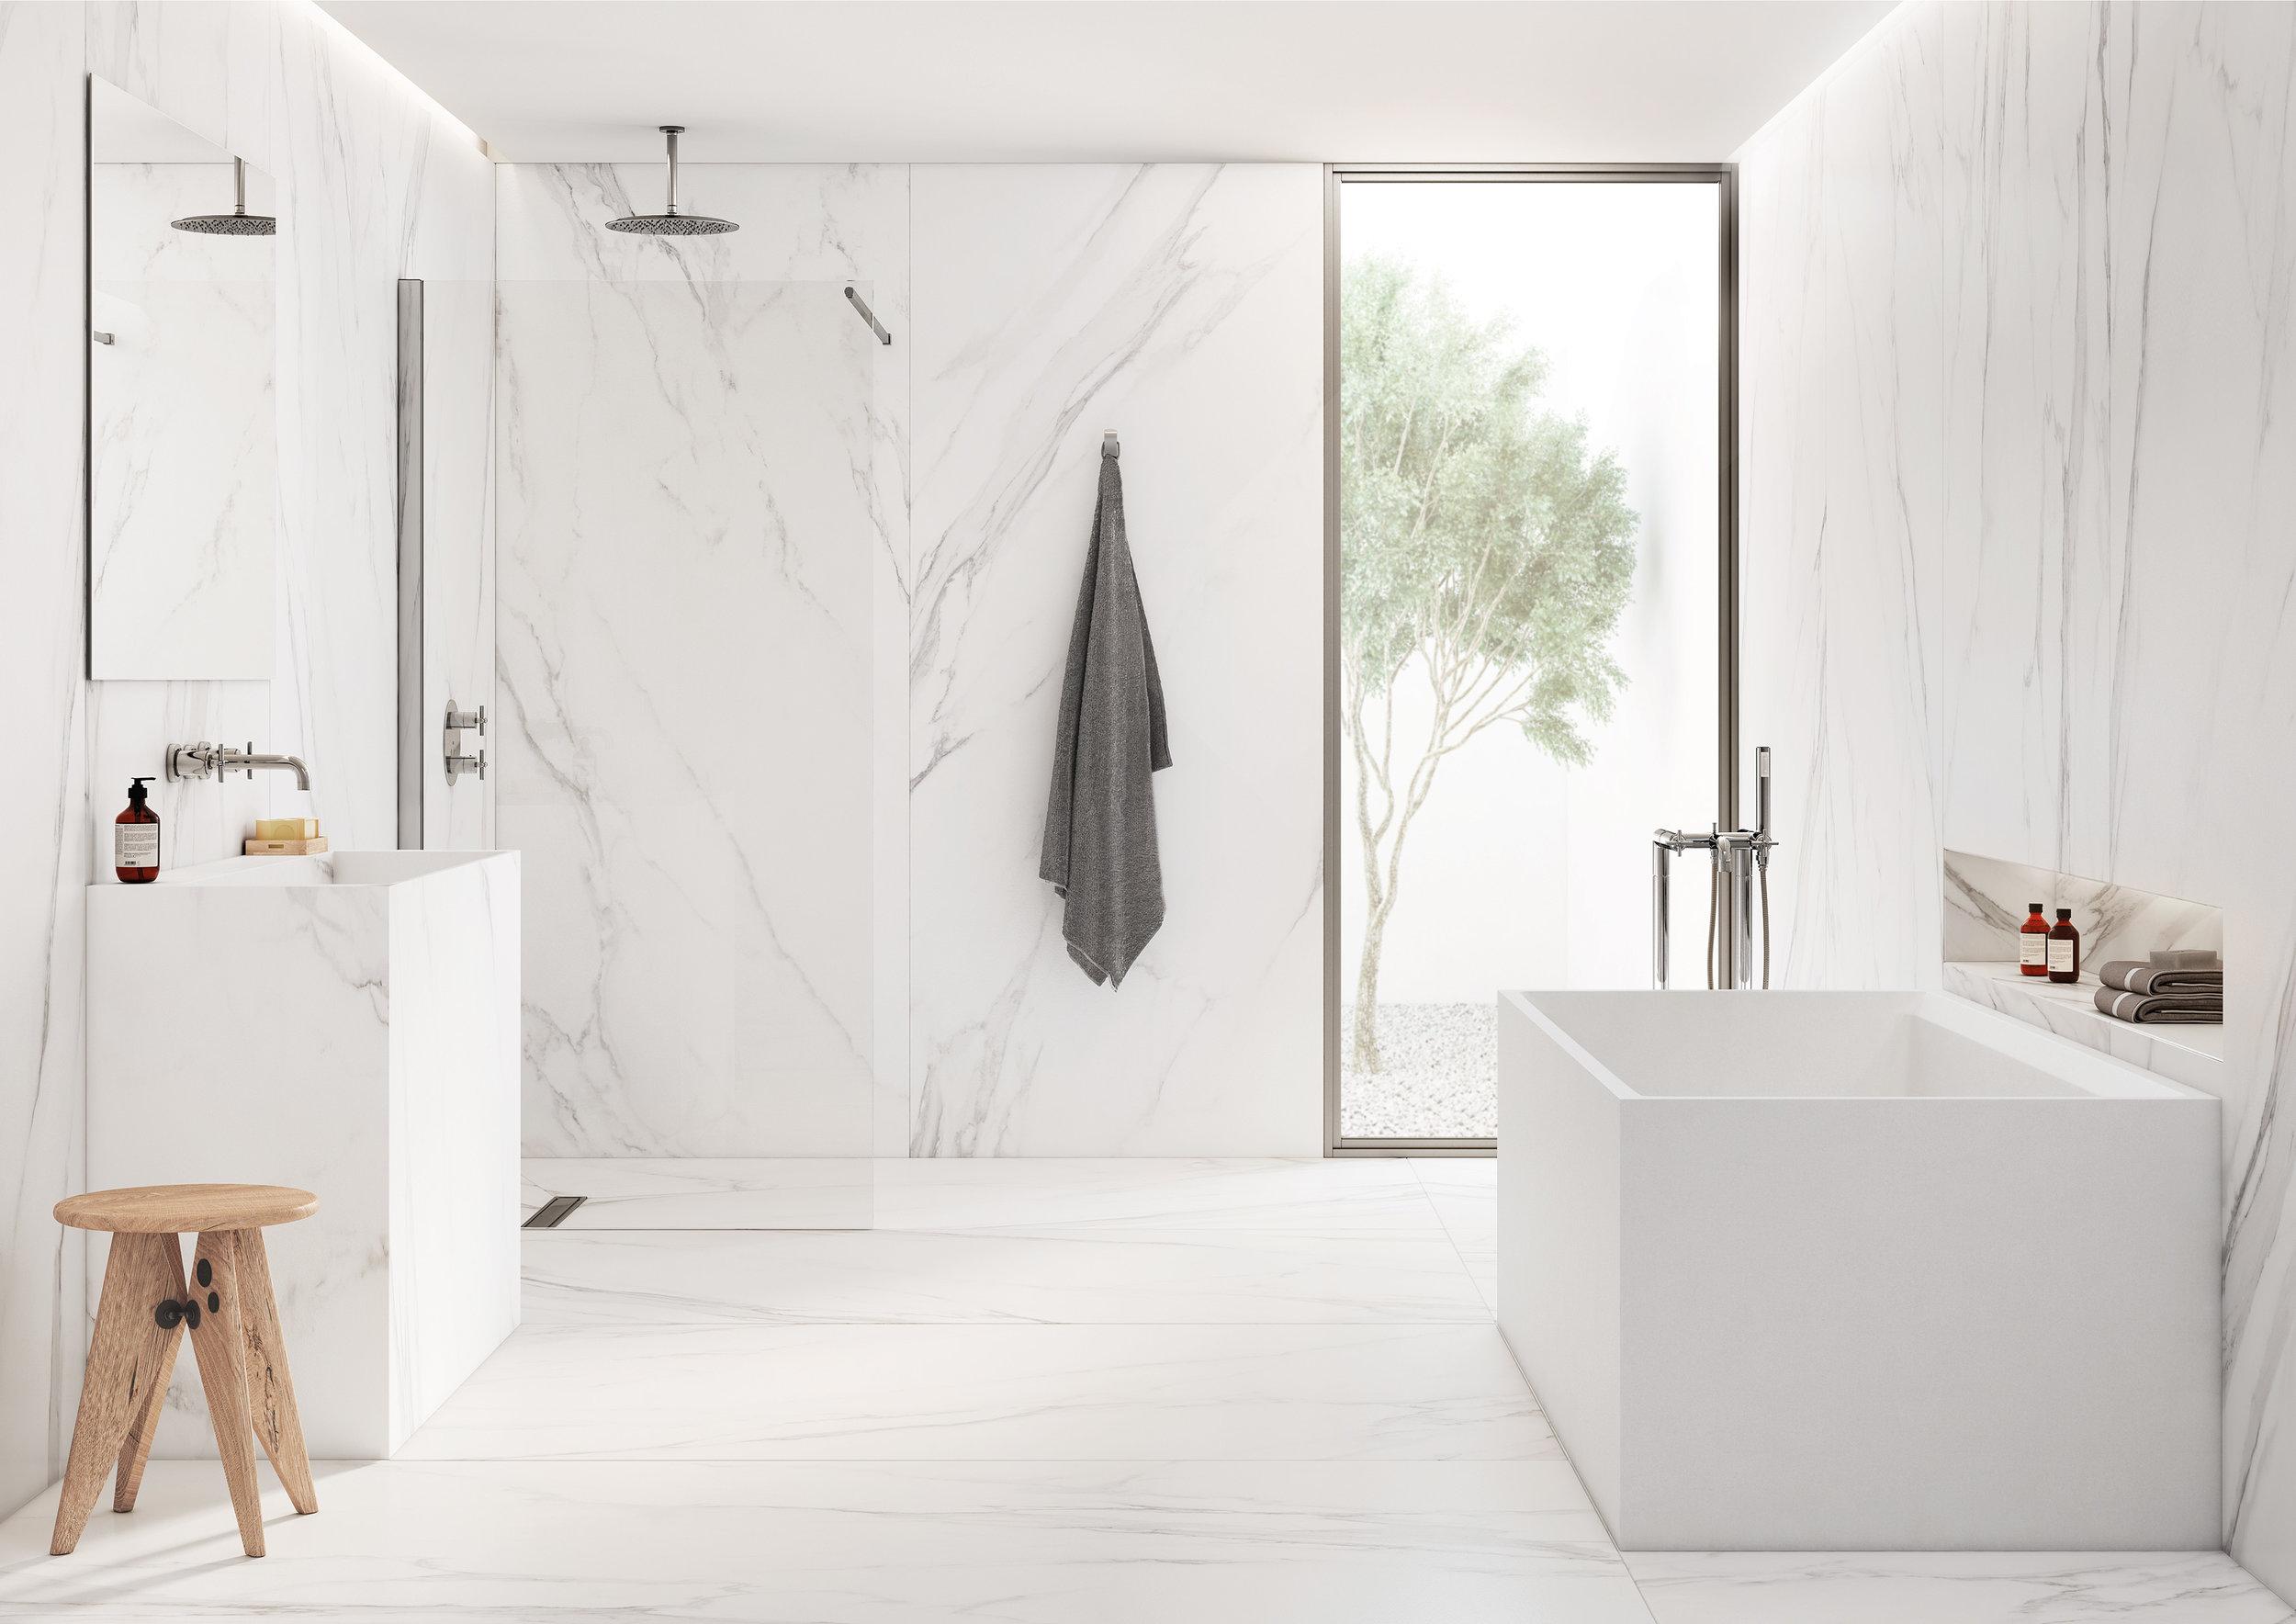 Ambient de bany per a presentar el nou producte ceràmic Thinbig ® , peces ceràmiques de grans dimensions i poc gruix que funcionen de paviment i de revestiment i amb les que tenim l'oportunitat de realitzar mobles sencers. Render imatge final   https://www.interiorvista.com